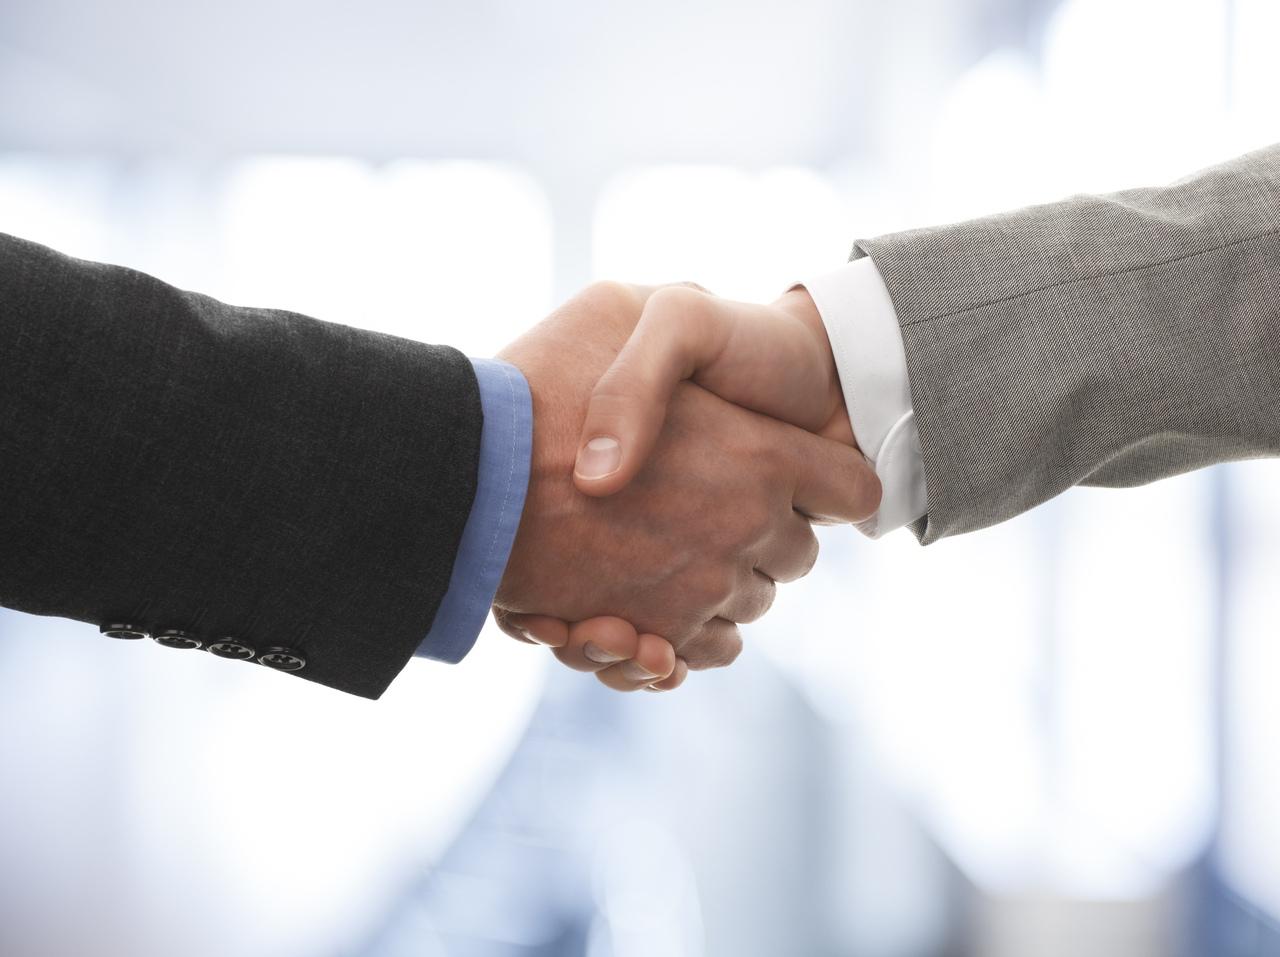 В Нур-Султане пройдет Первый инвестиционный форум ГЧП